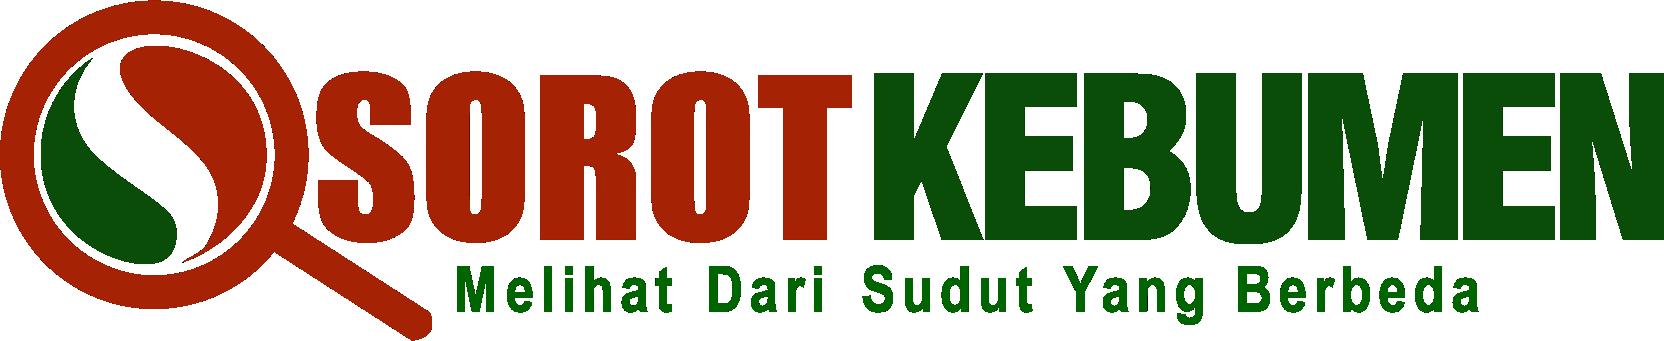 kebumen